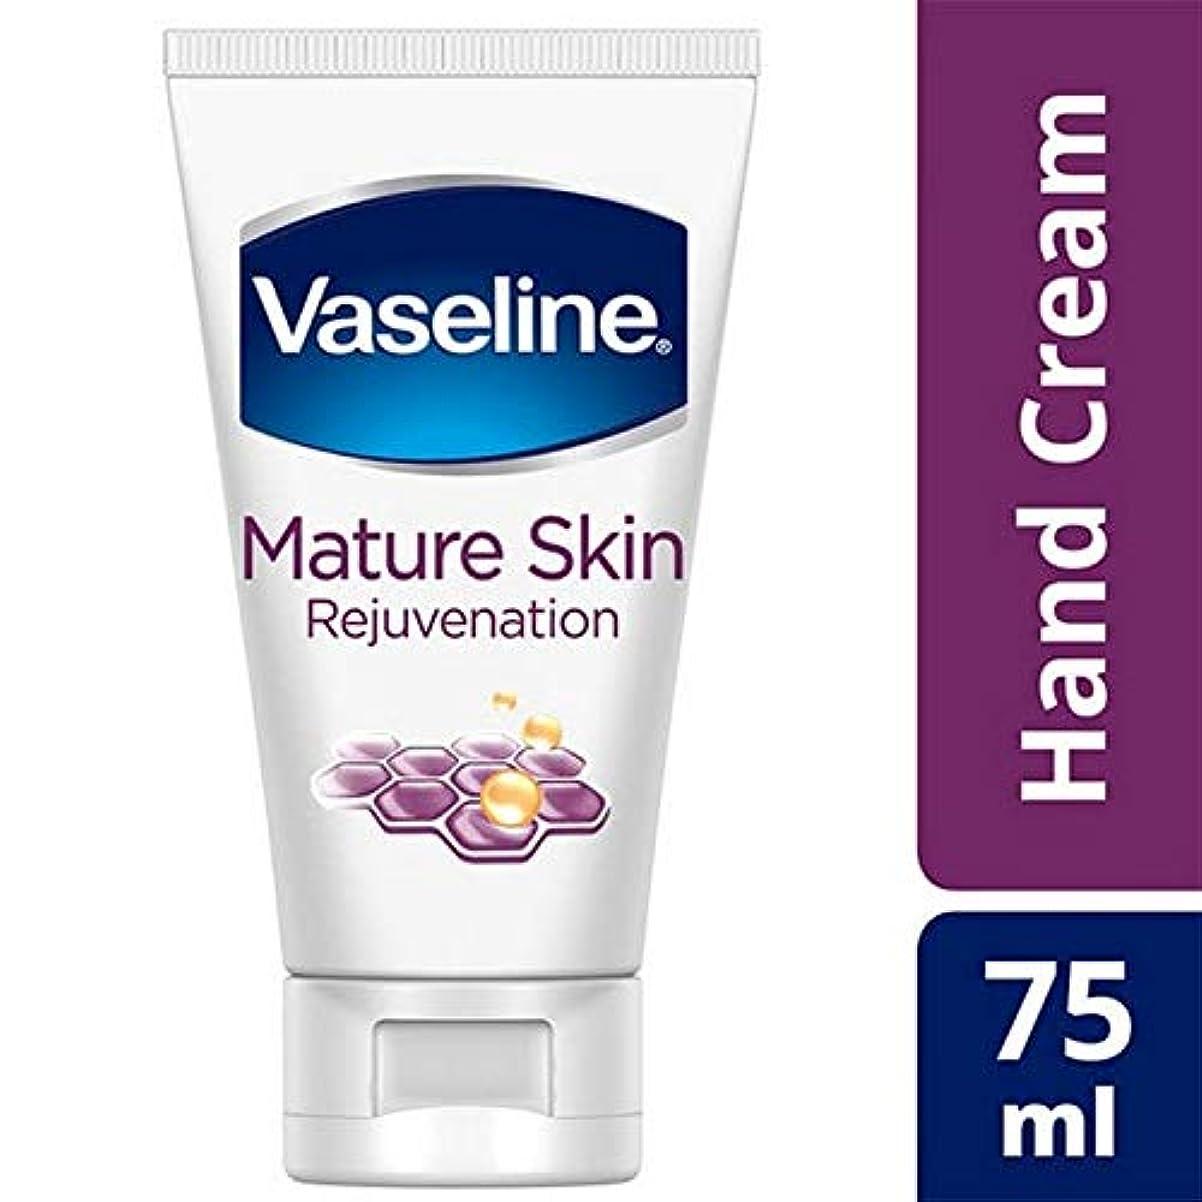 敵意傾いた反対に[Vaseline ] 成熟した皮膚の75ミリリットルのためのワセリンハンドクリーム - Vaseline Hand Cream for Mature Skin 75ml [並行輸入品]